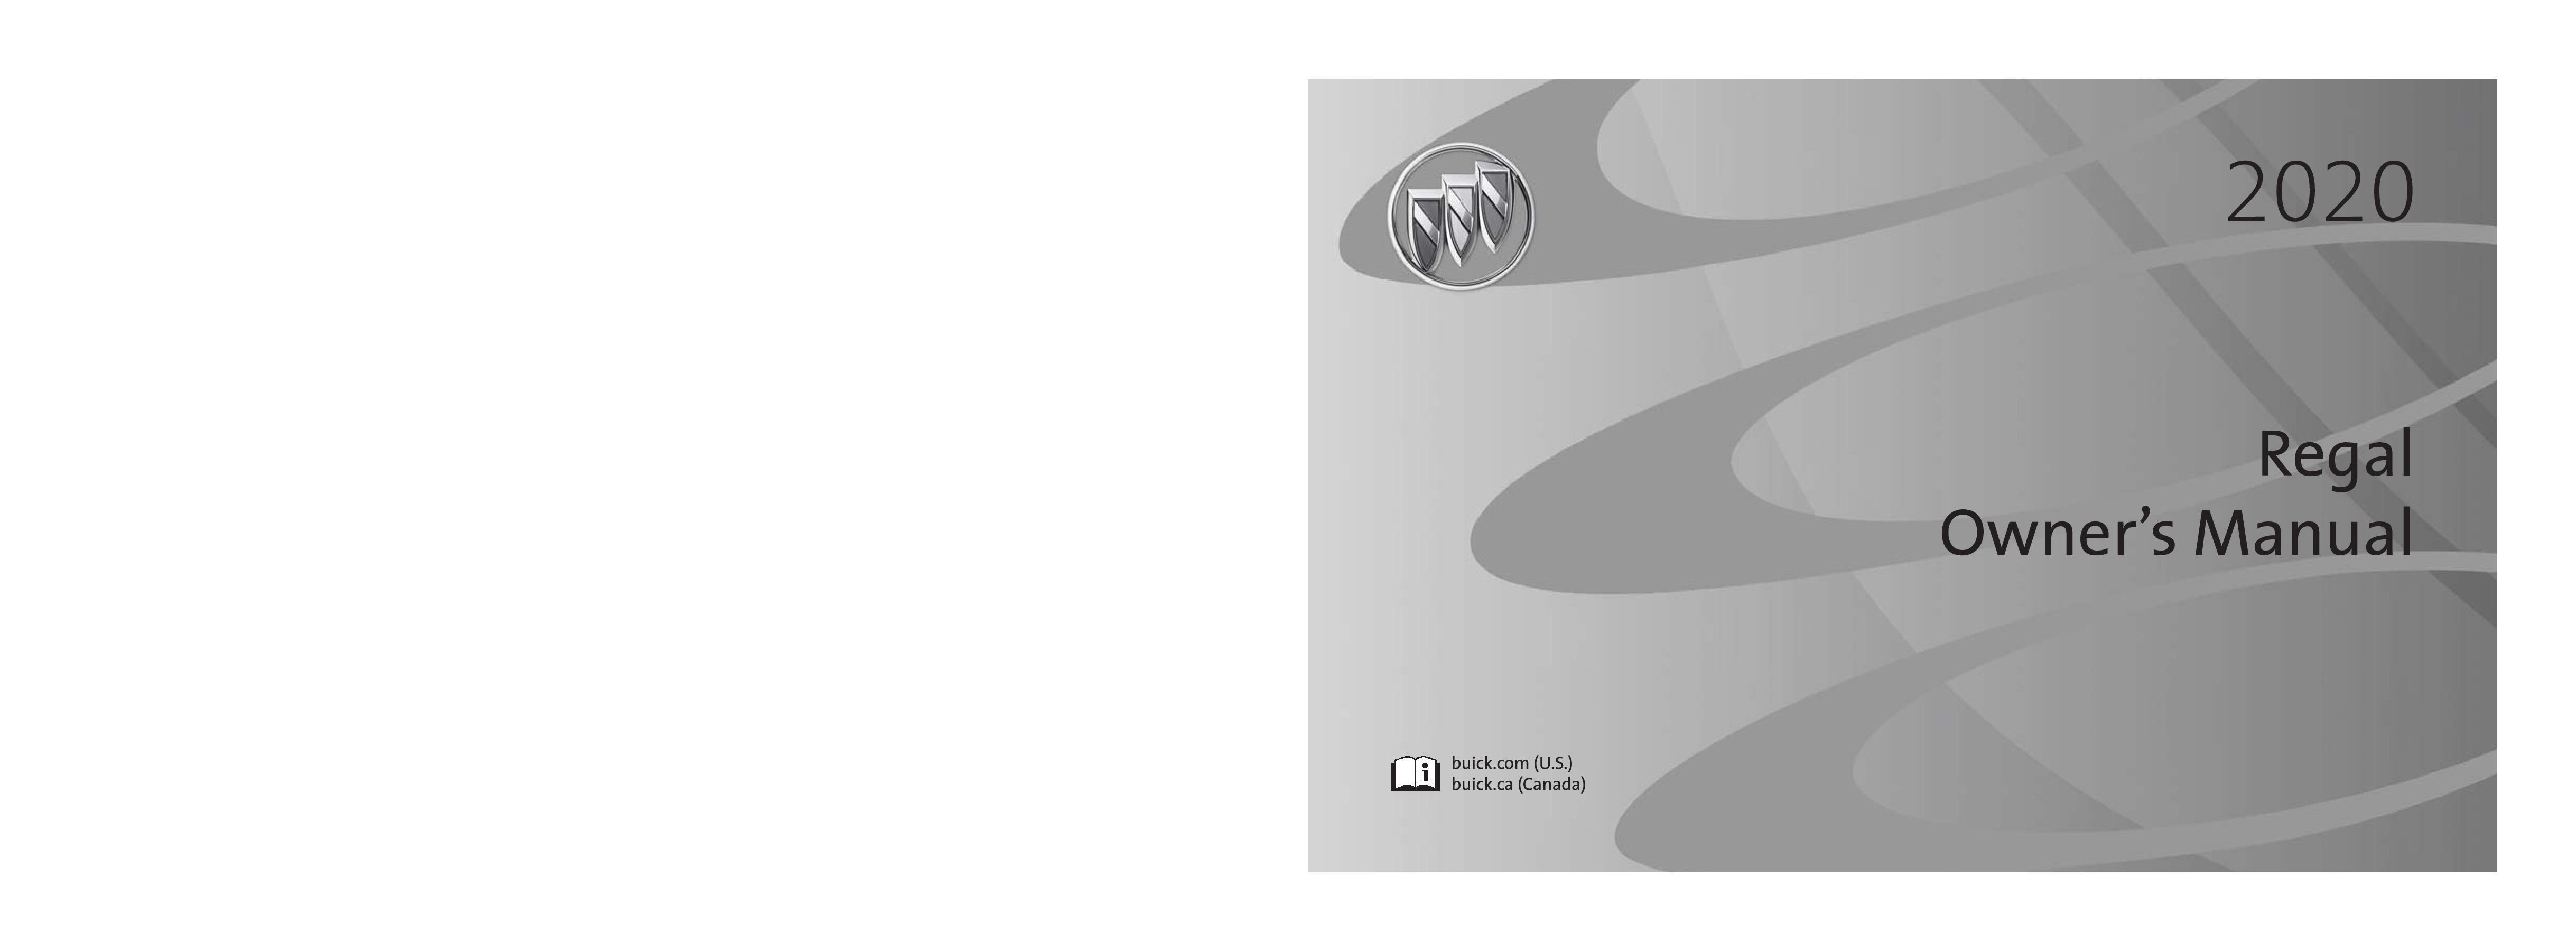 2020 Buick Regal owners manual